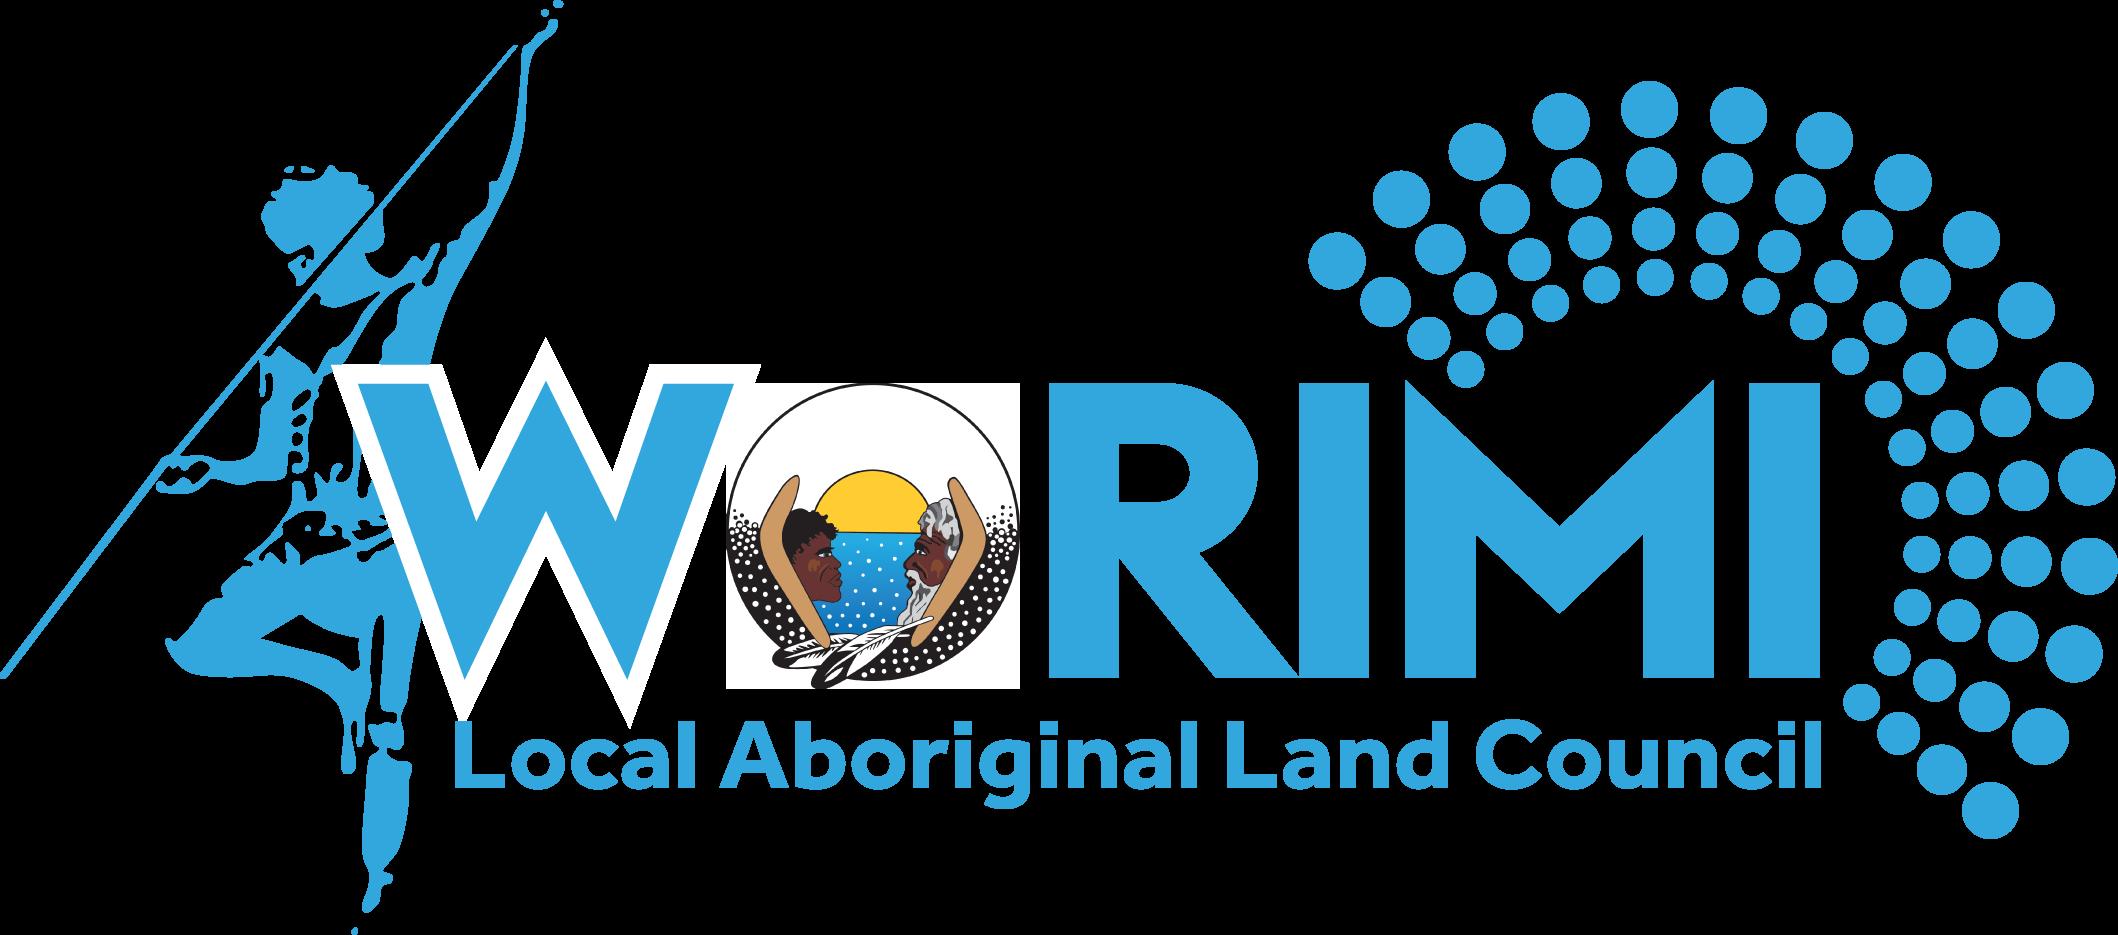 https://alc.org.au/wp-content/uploads/2020/02/D5022-Worimi-Local-Aboriginal-Land-Council-Blue.png